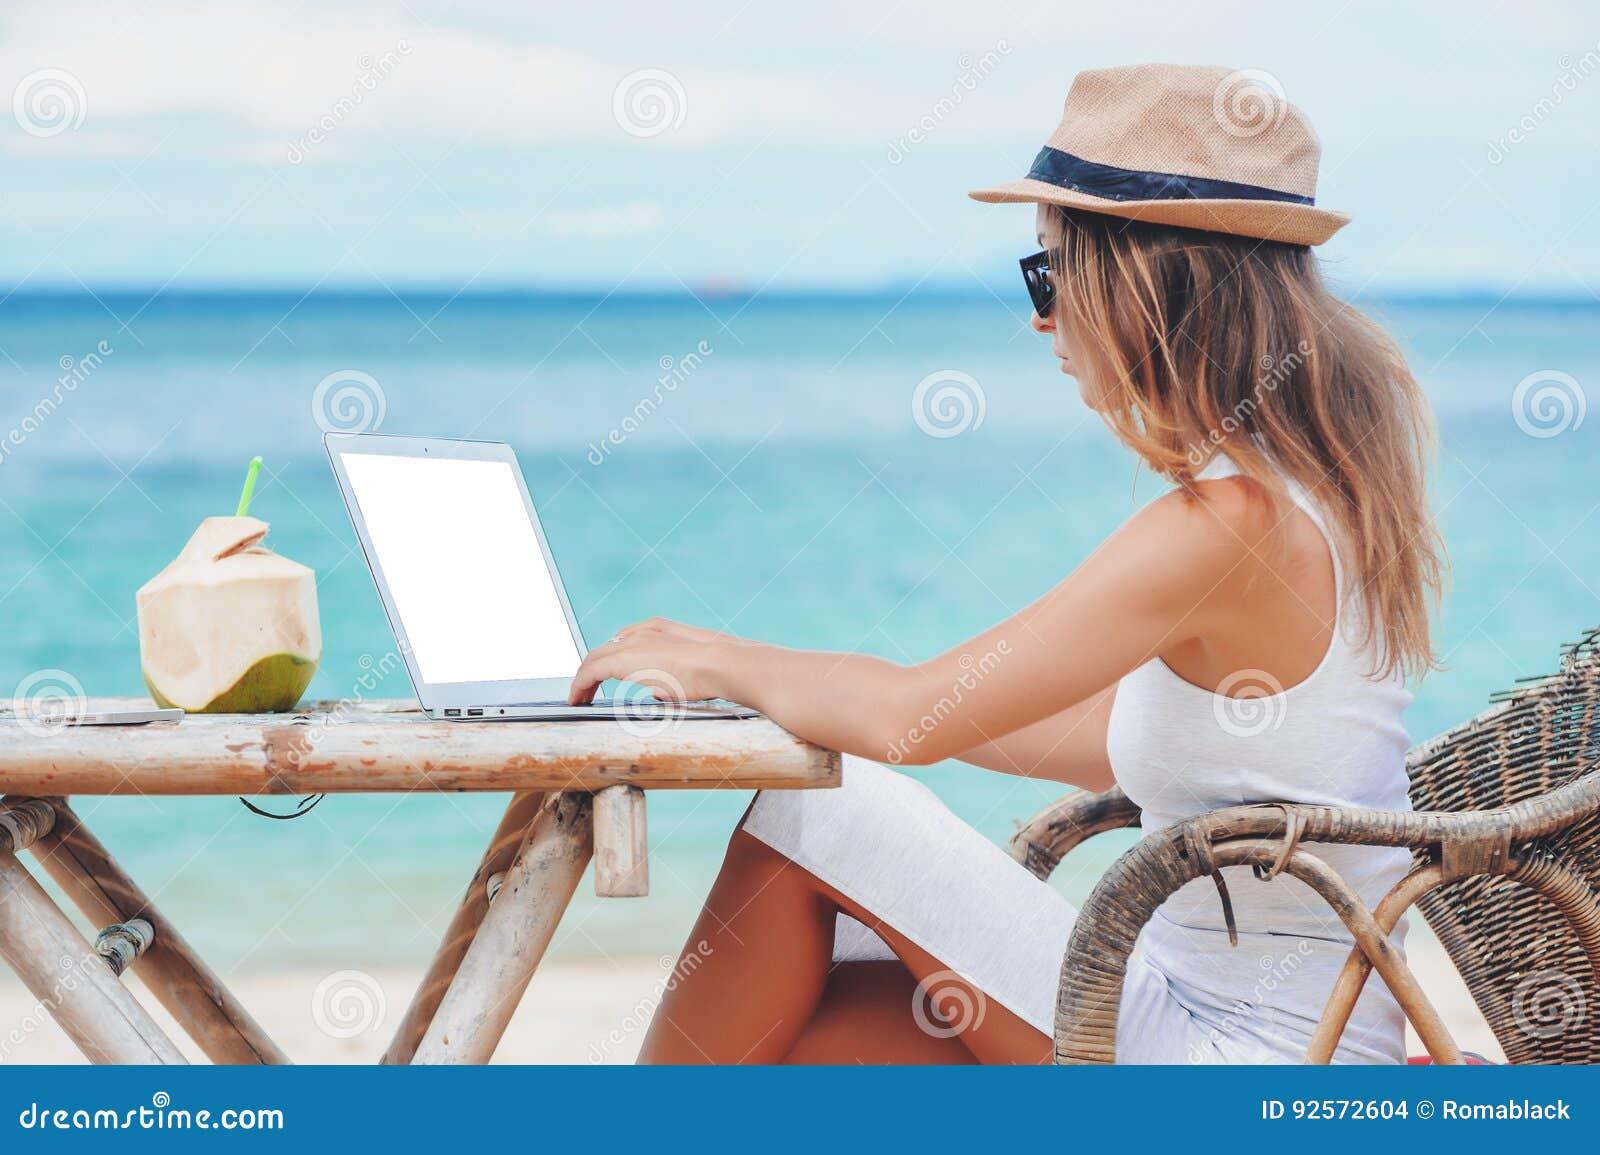 d53089b0069d Junge Frau, Die Laptop Auf Dem Strand Verwendet Freiberufliche ...